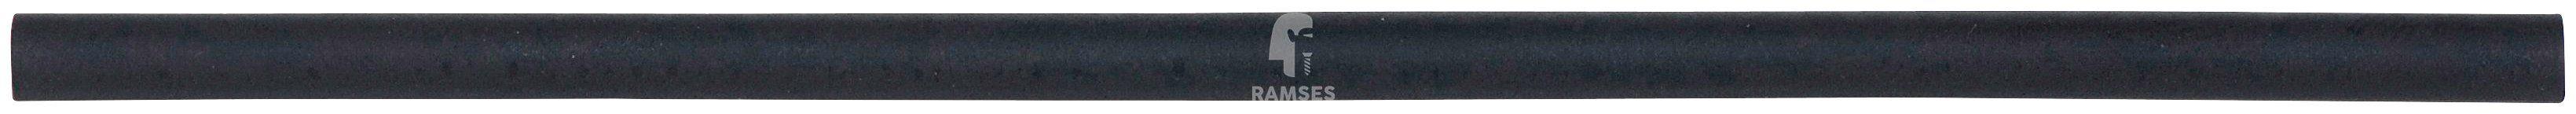 RAMSES Schrumpfschlauch , 25,4-12,7 mm 0,1 m 25 Stück